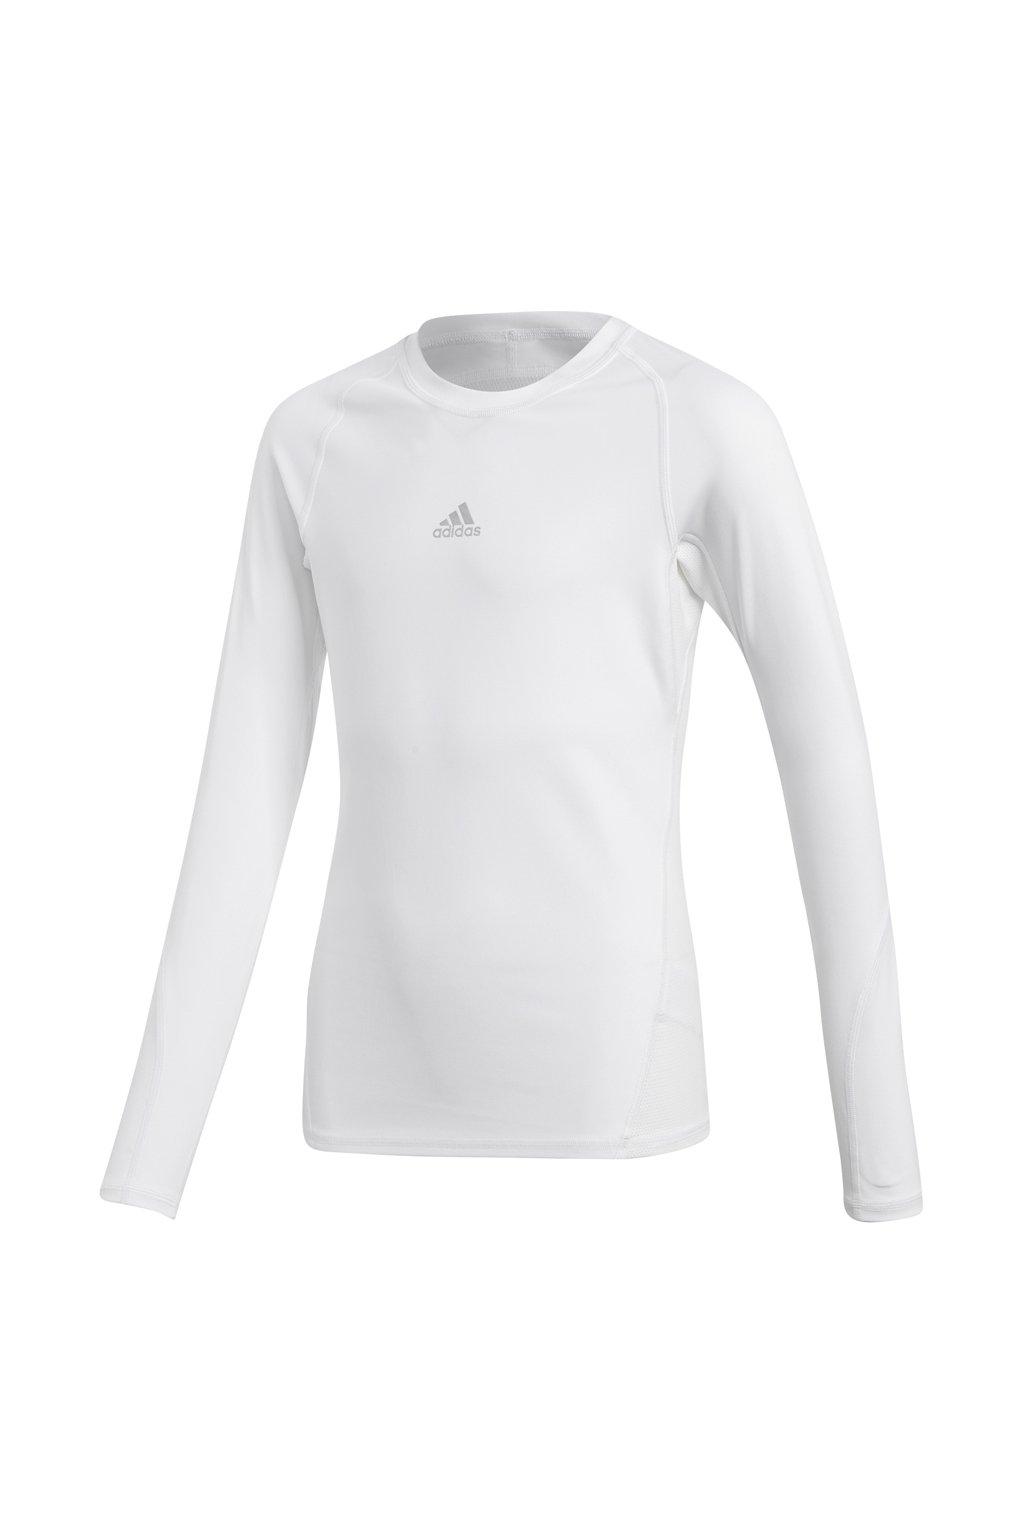 Adidas Alphaskin Sport LS Tee JUNIOR biele tričko CW7325